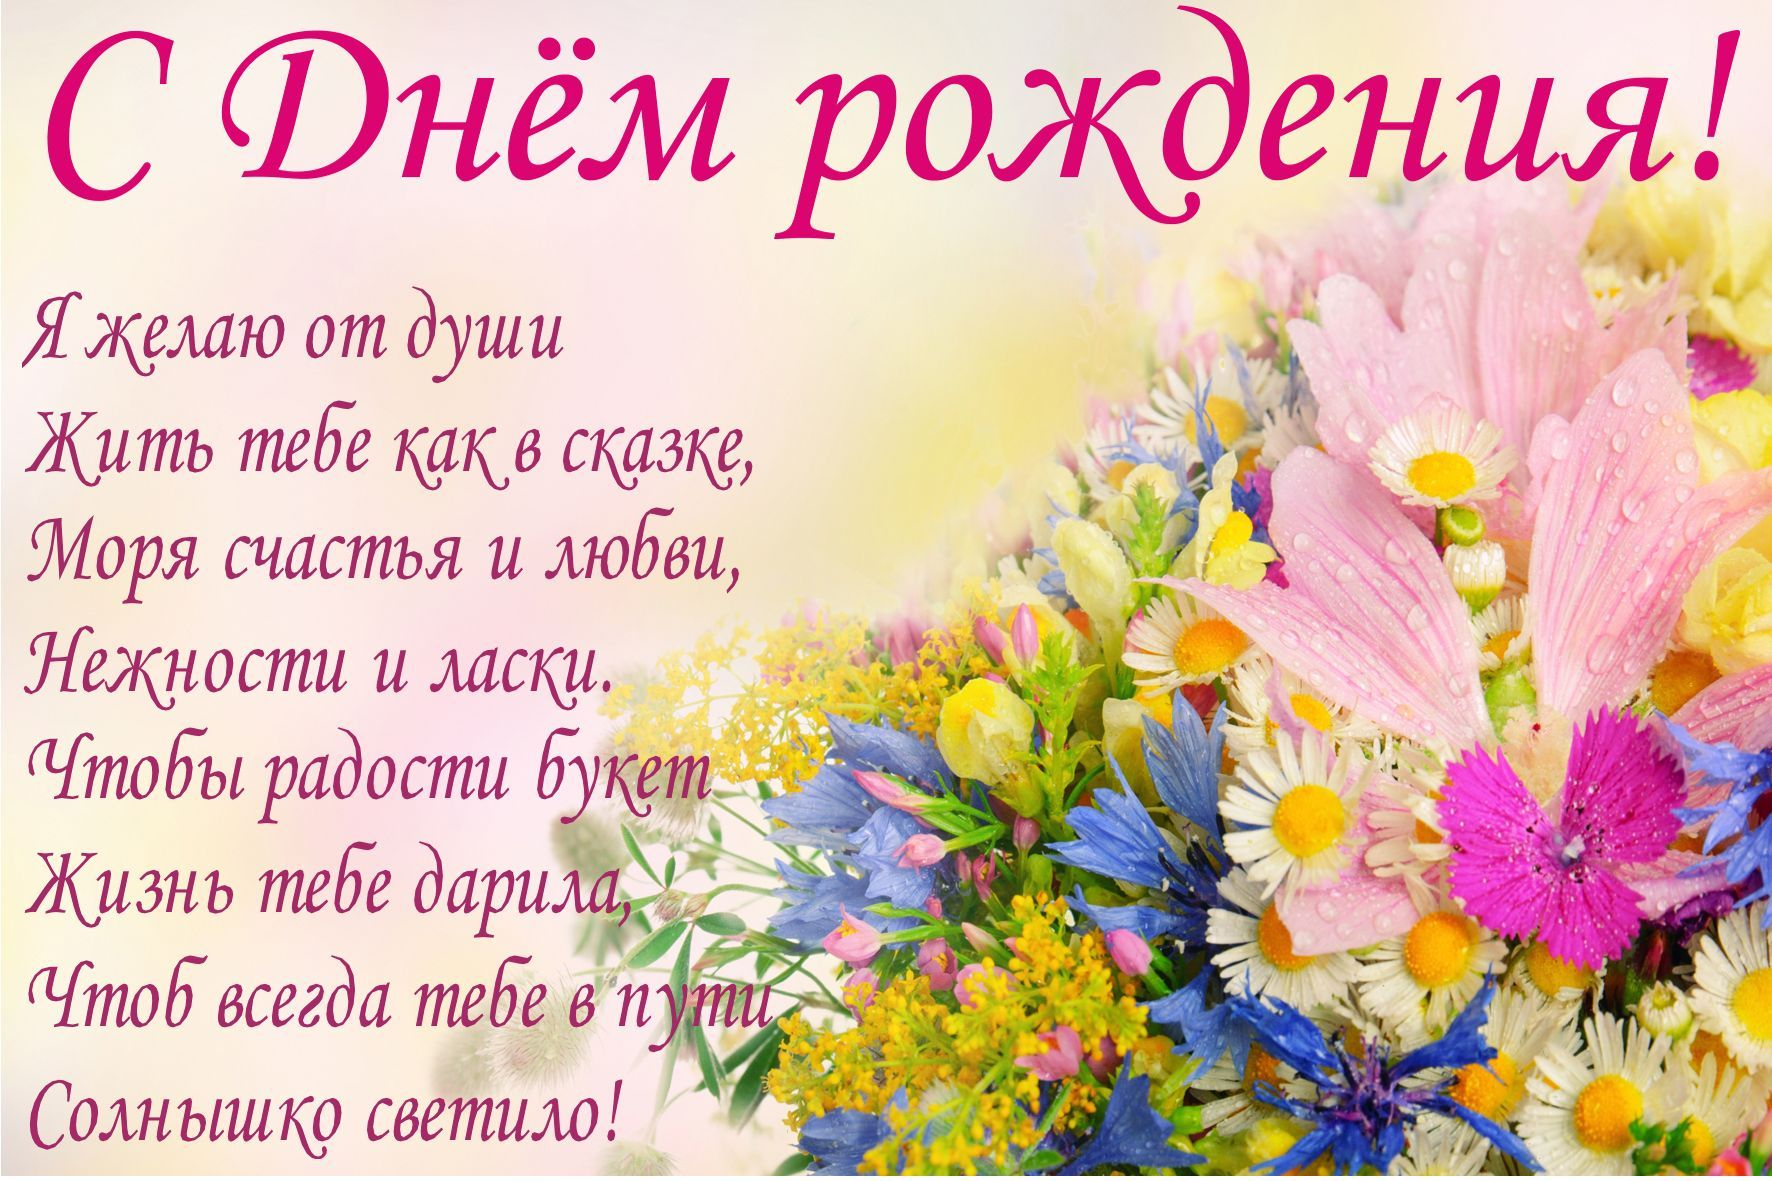 Шуточное поздравление женщине с днем рождения в стихах до слез